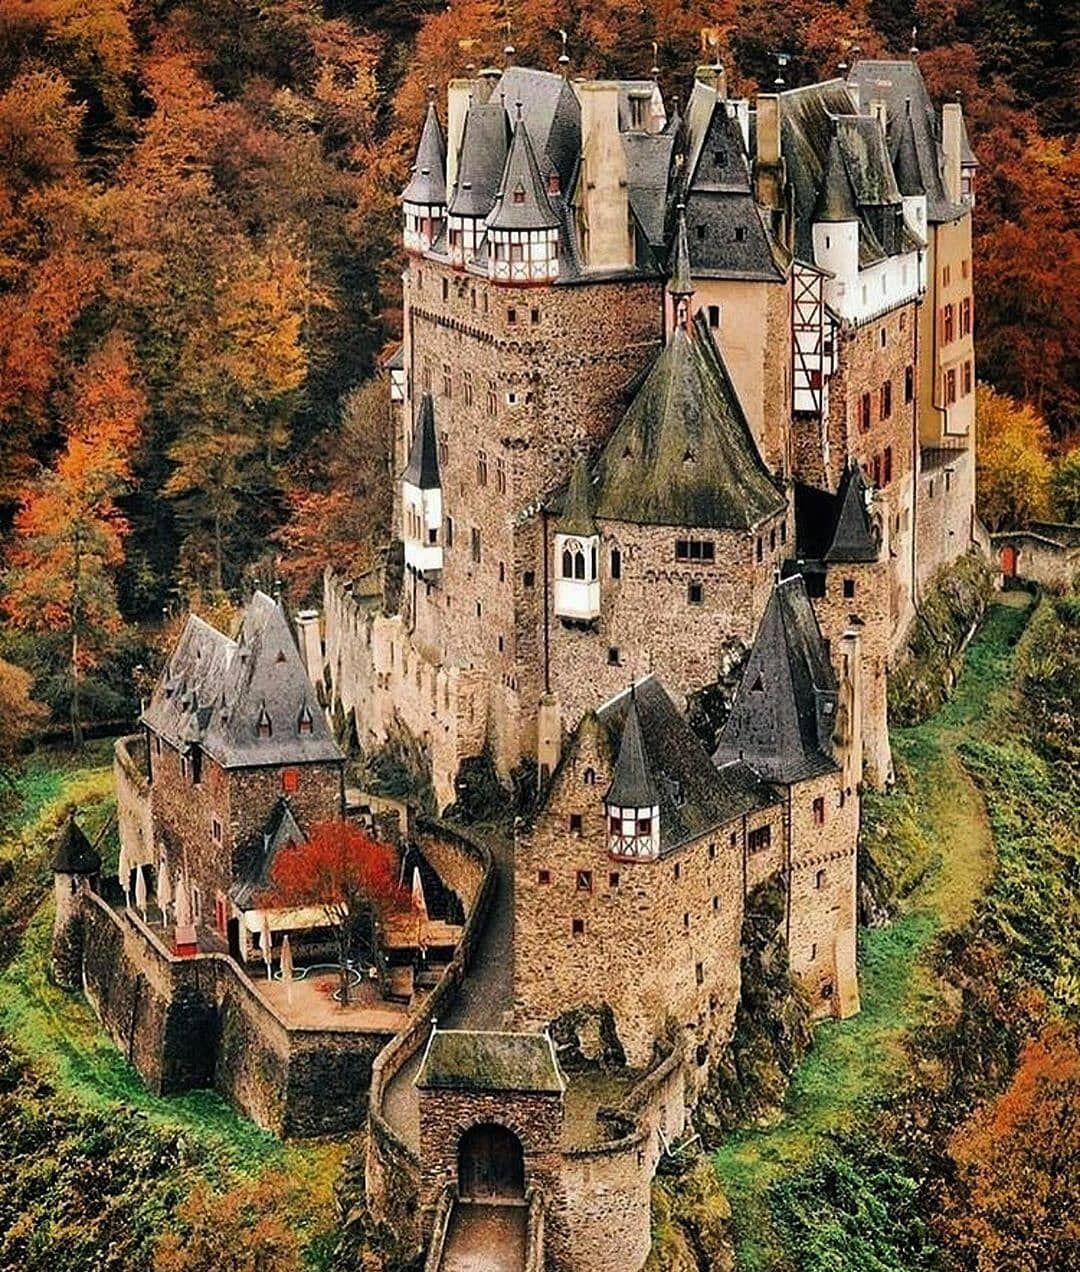 56 Vind Ik Leuks 1 Opmerkingen Castle Snaps Castle Snaps Op Instagram Eltz Castle Germany Is A Me In 2020 Germany Castles Burg Eltz Castle Beautiful Castles